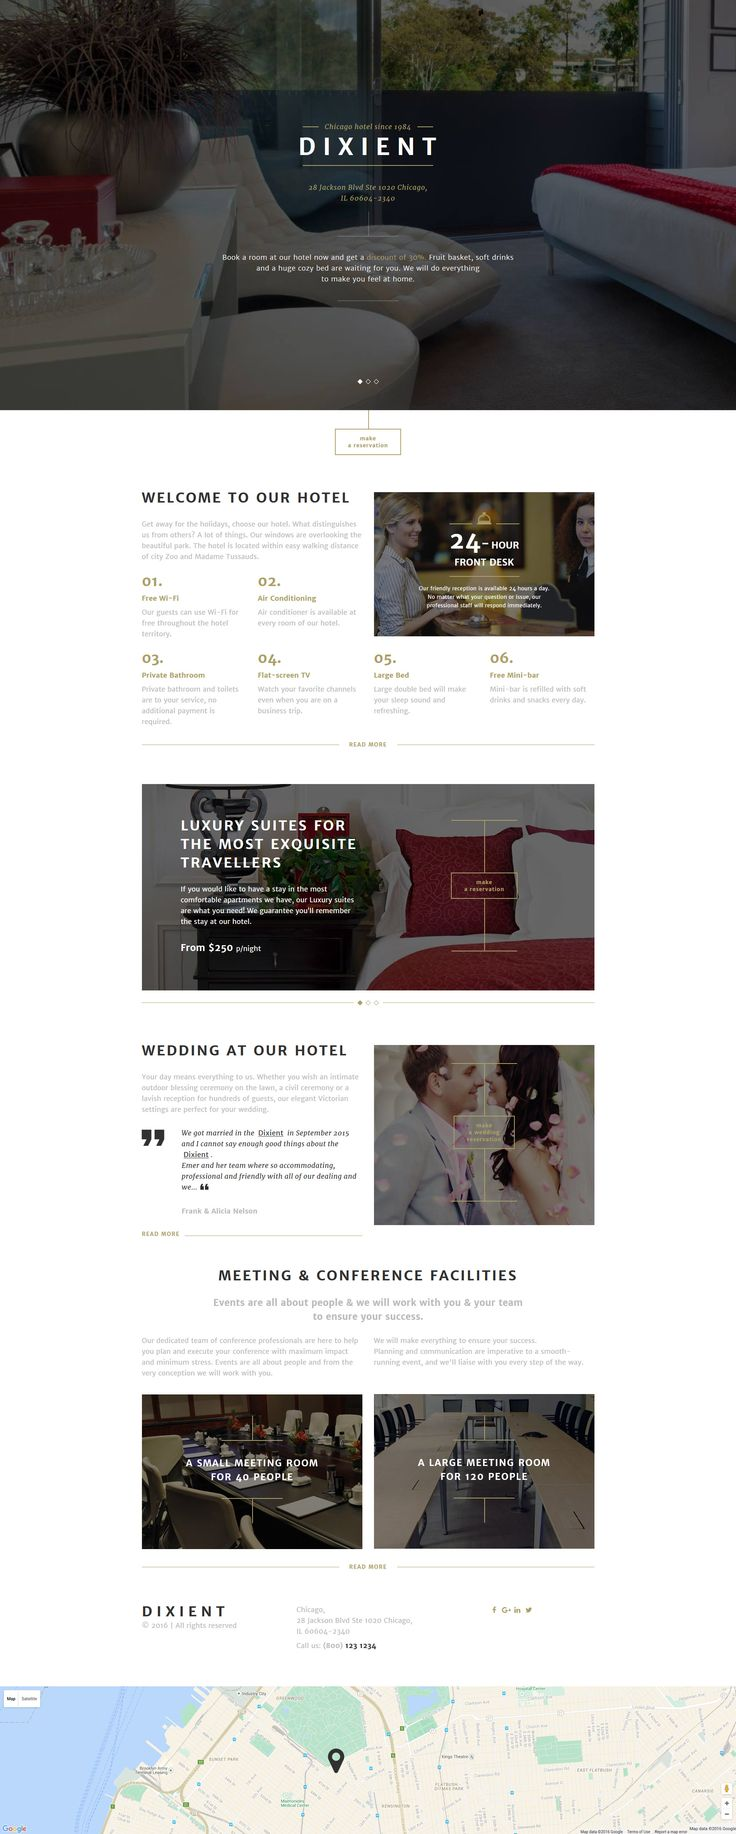 Best 91 Hotel Website Templates images on Pinterest | Design ...